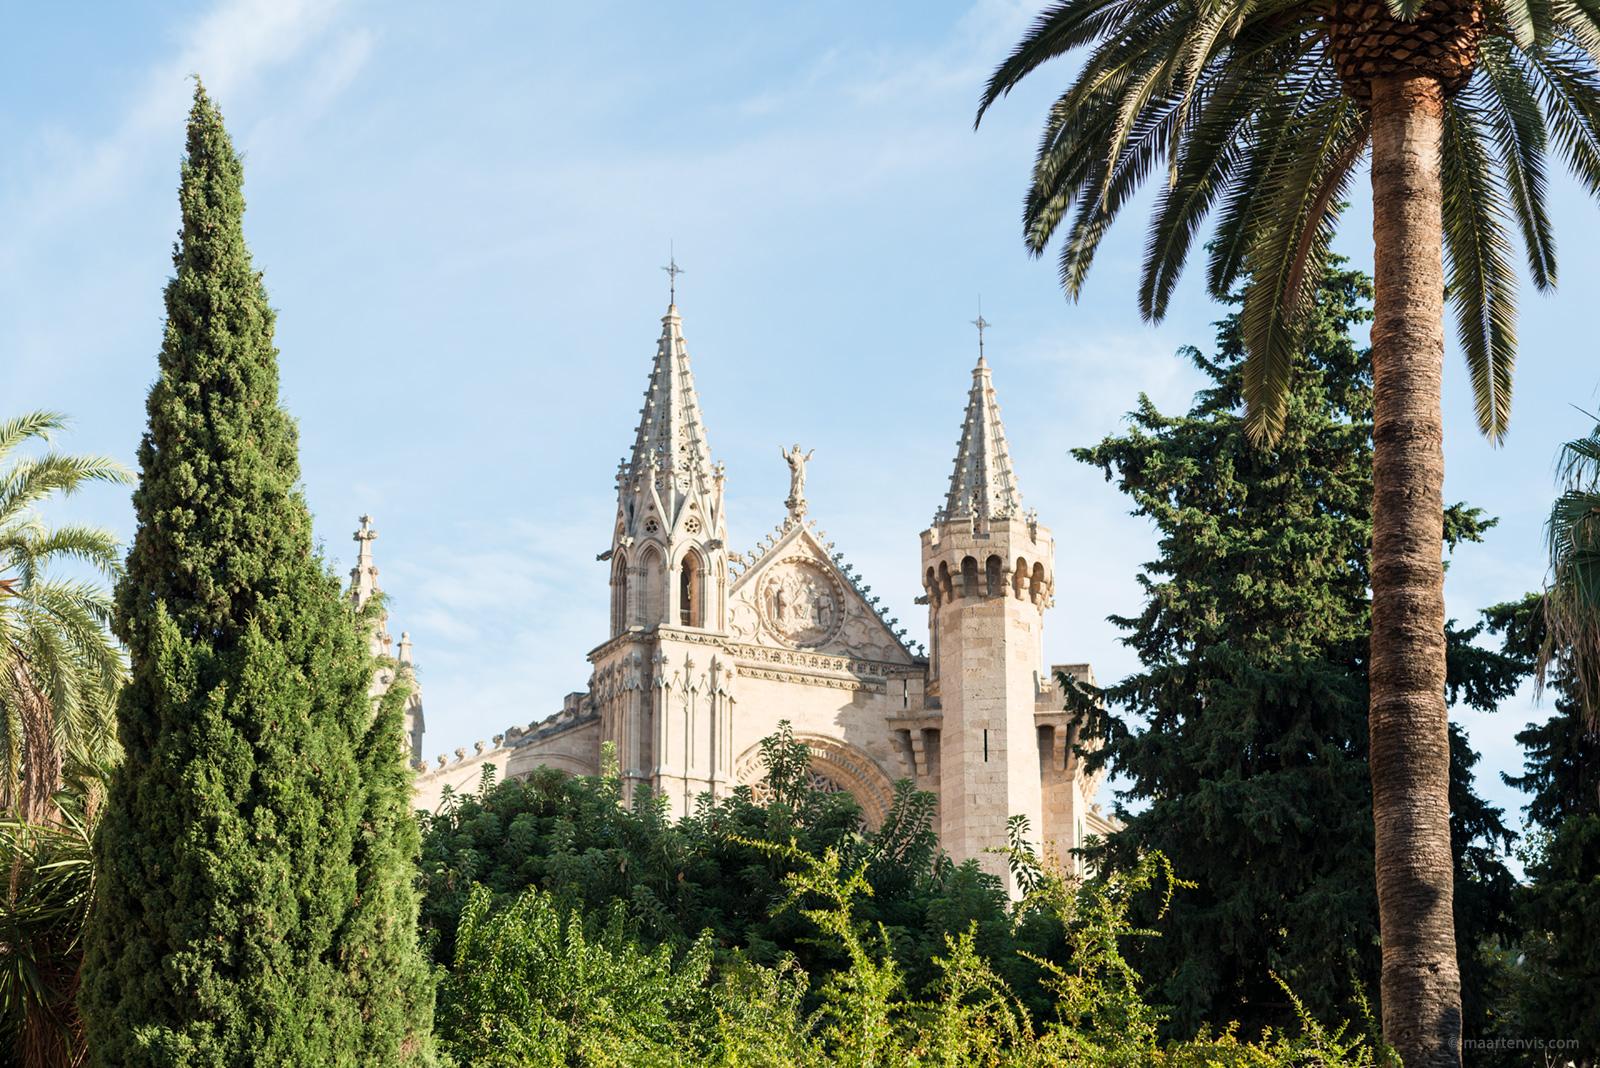 20161001 3201 - Palma de Mallorca